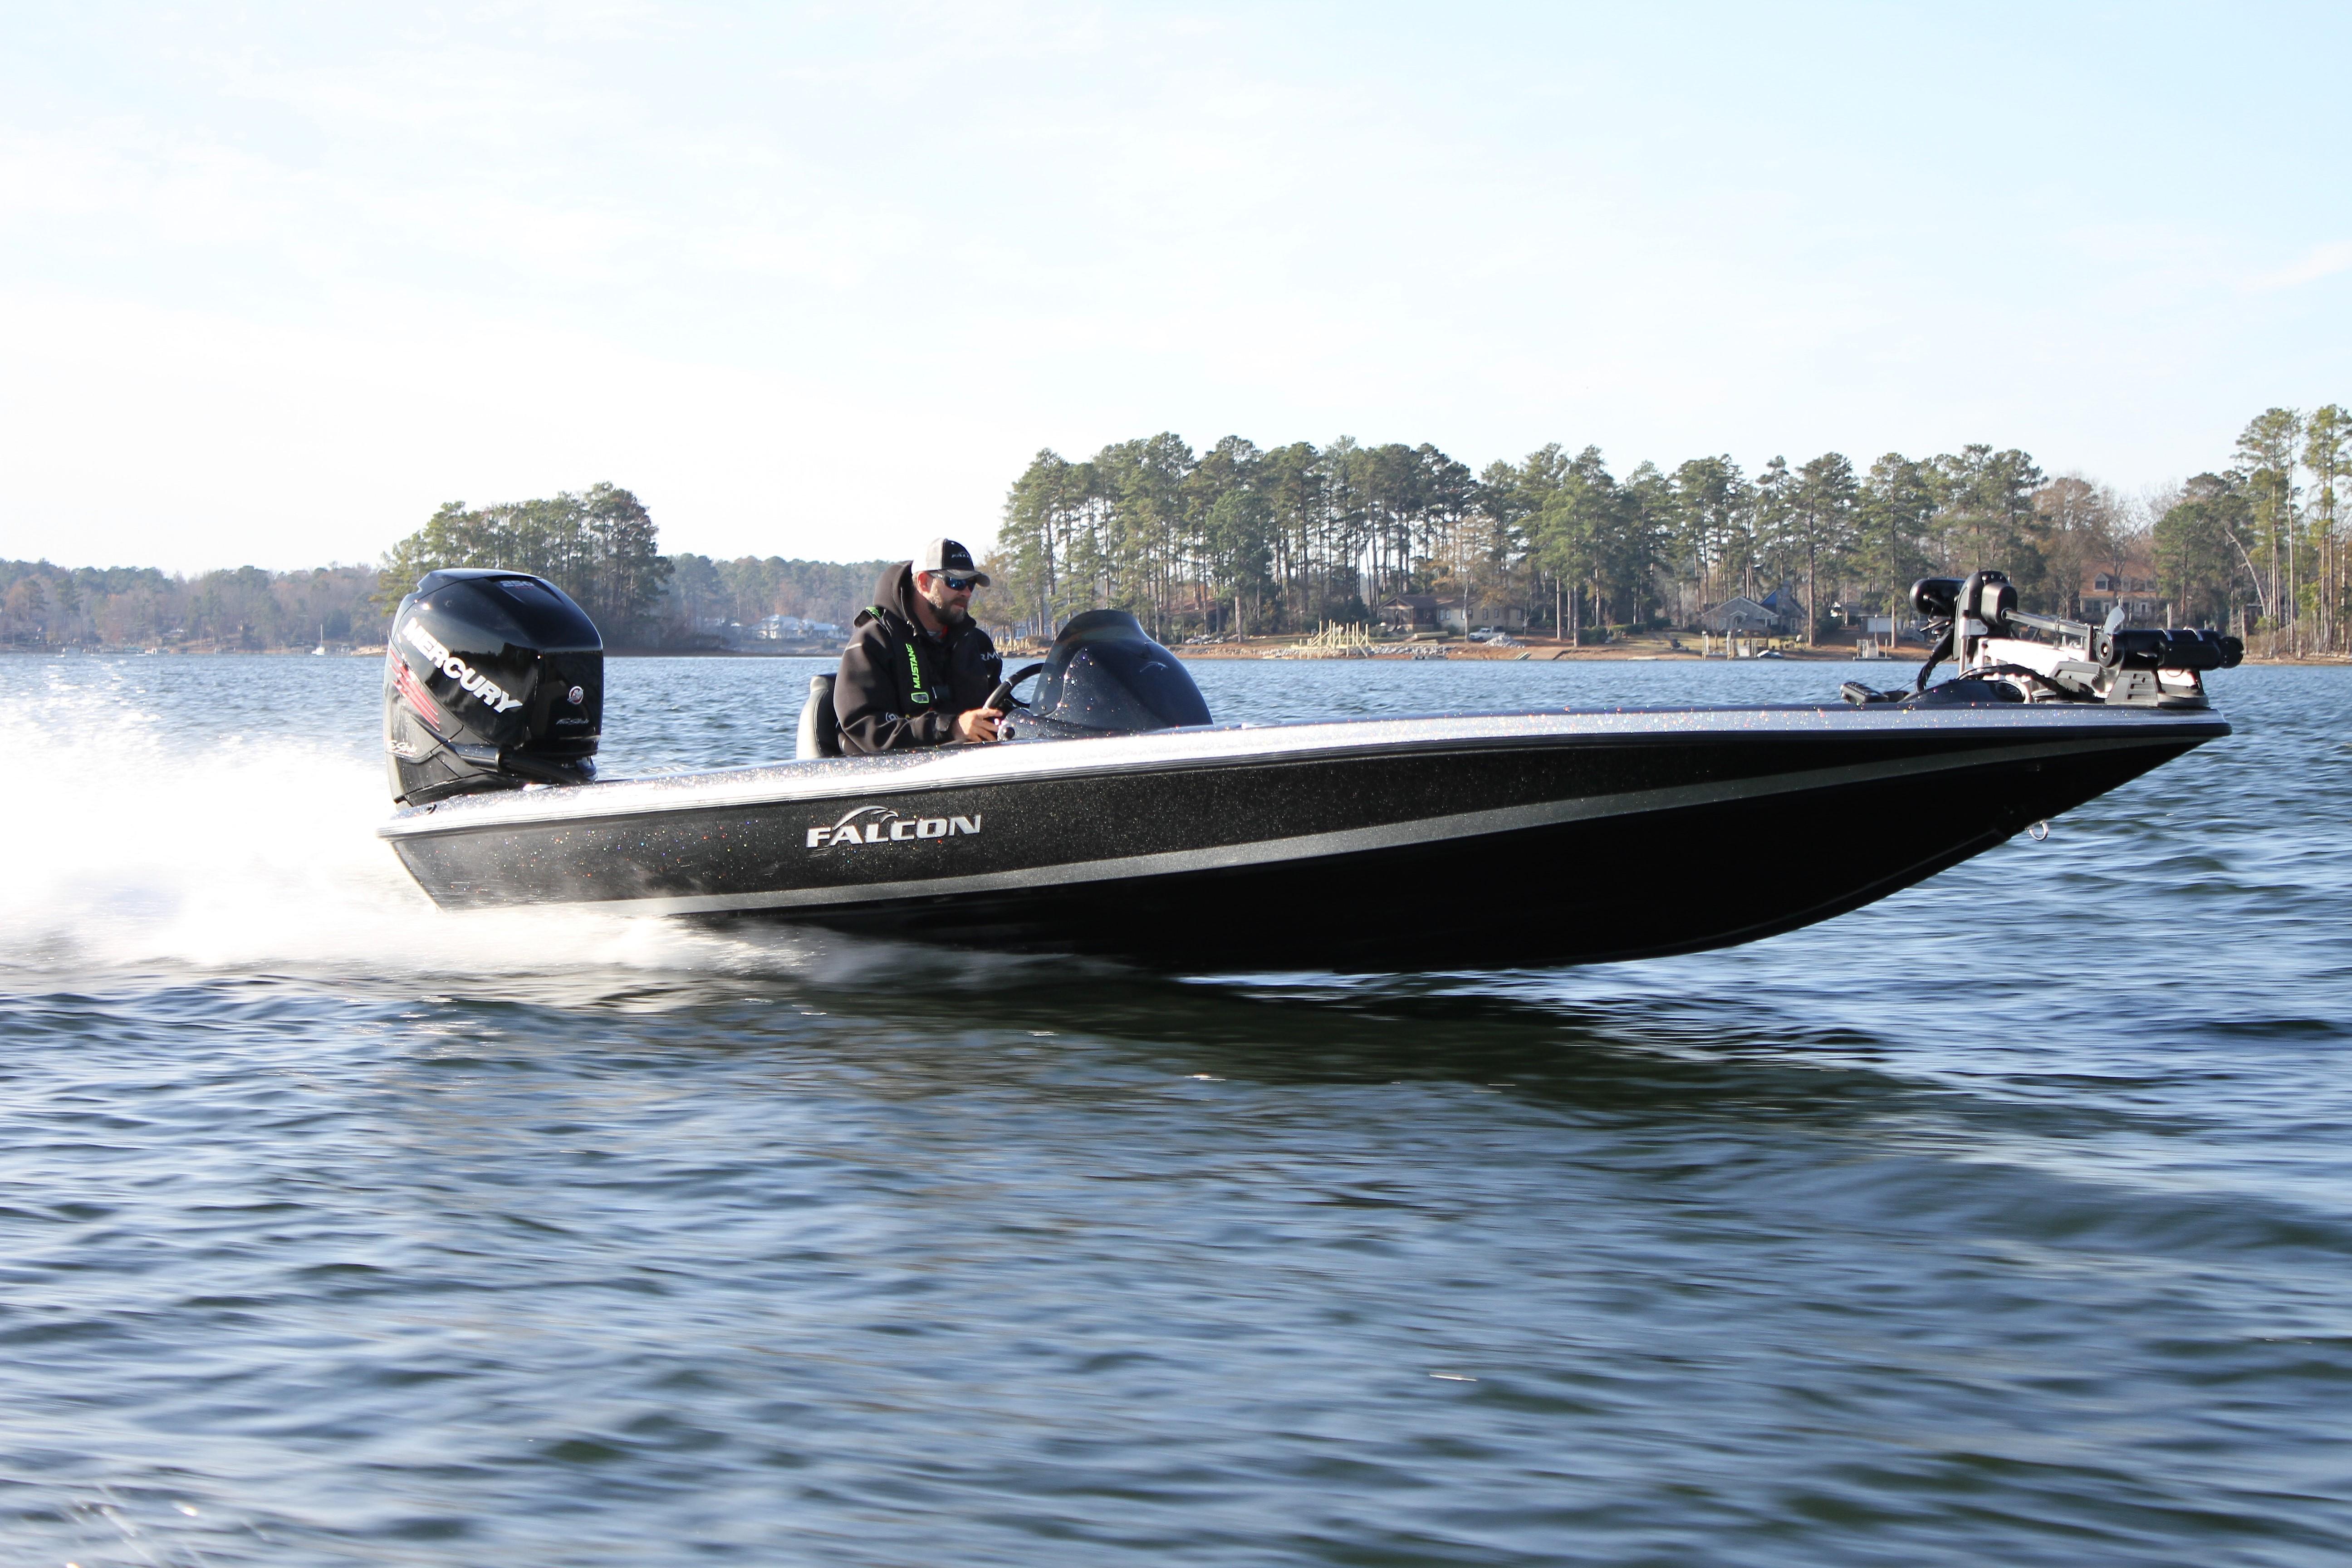 Falcon boats